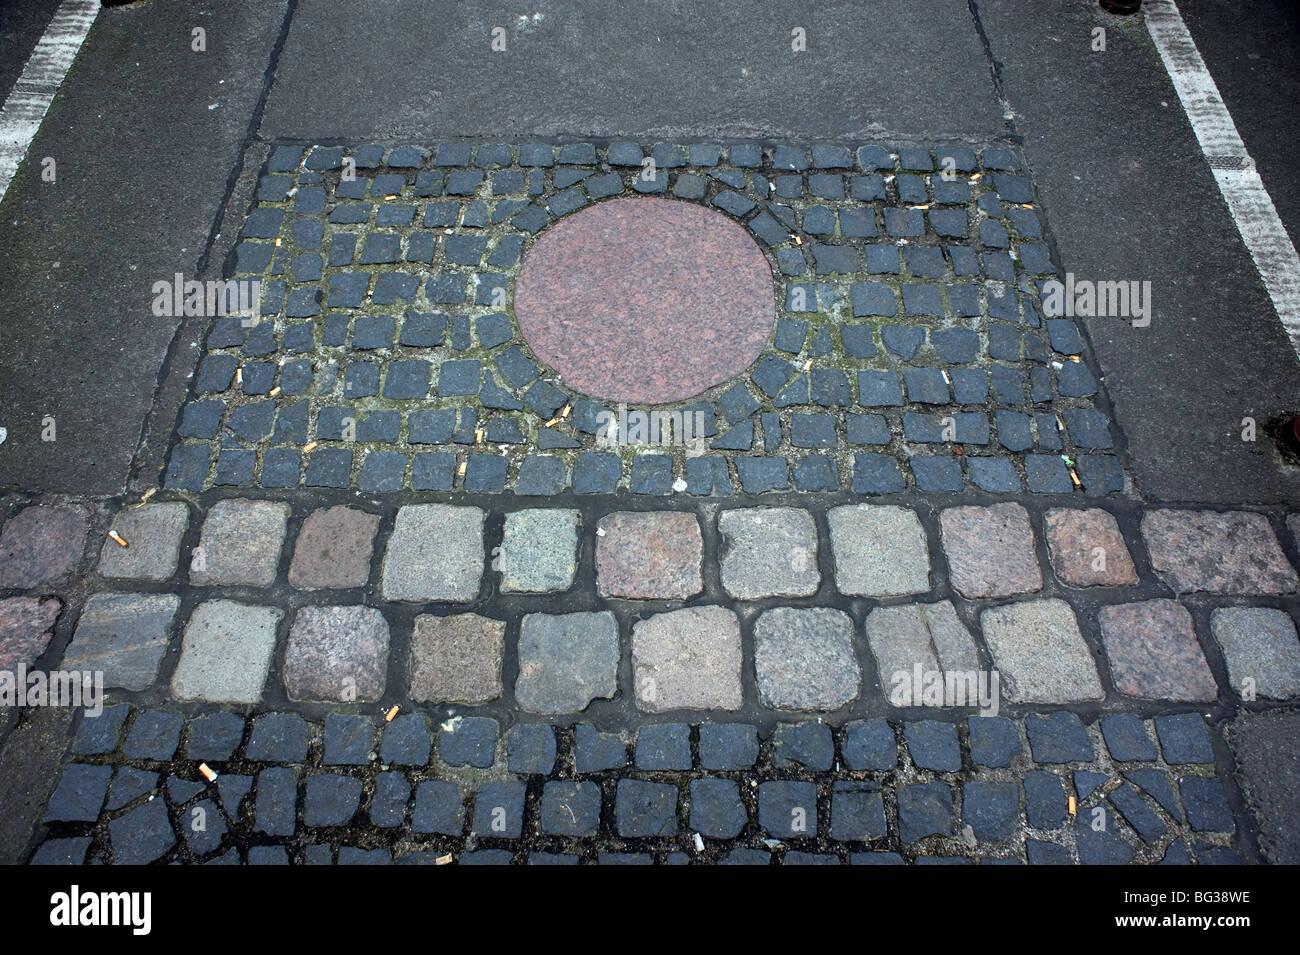 Berlín 2009 1989 DDR Alemania unificada de avance positivo de la historia de la guerra final de la guerra fría Imagen De Stock